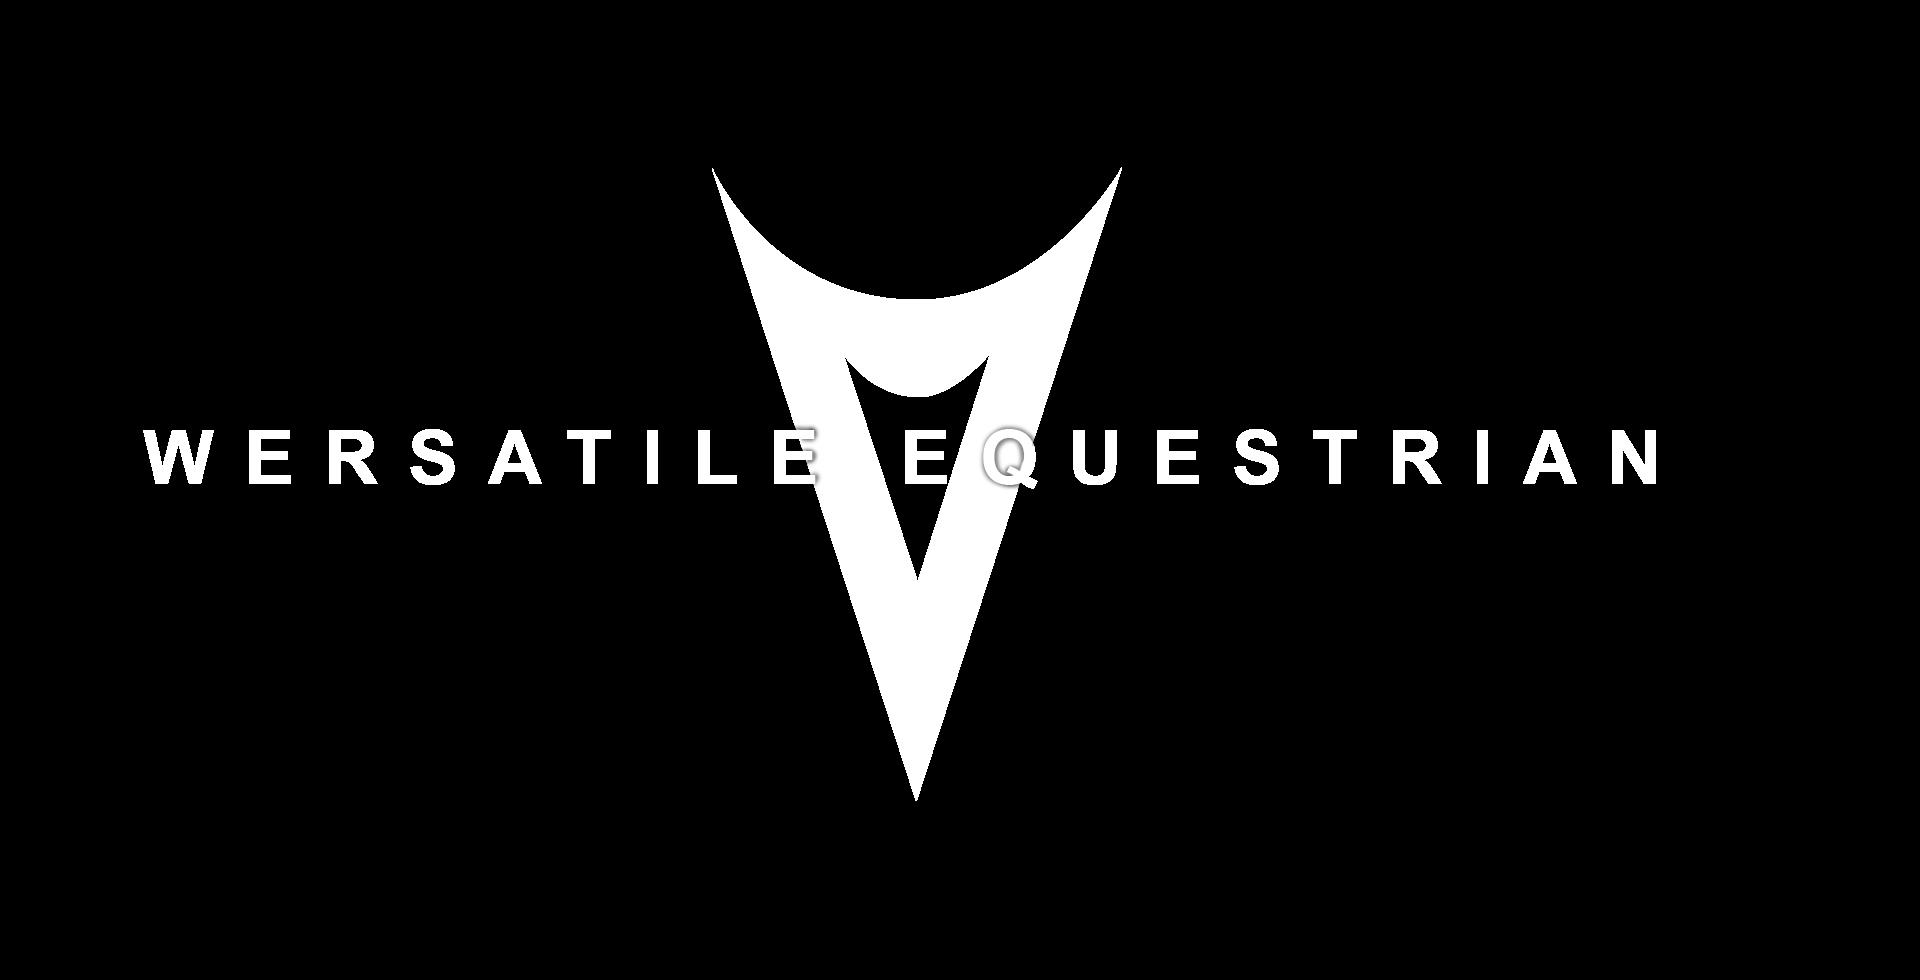 Wersatile Equestrian